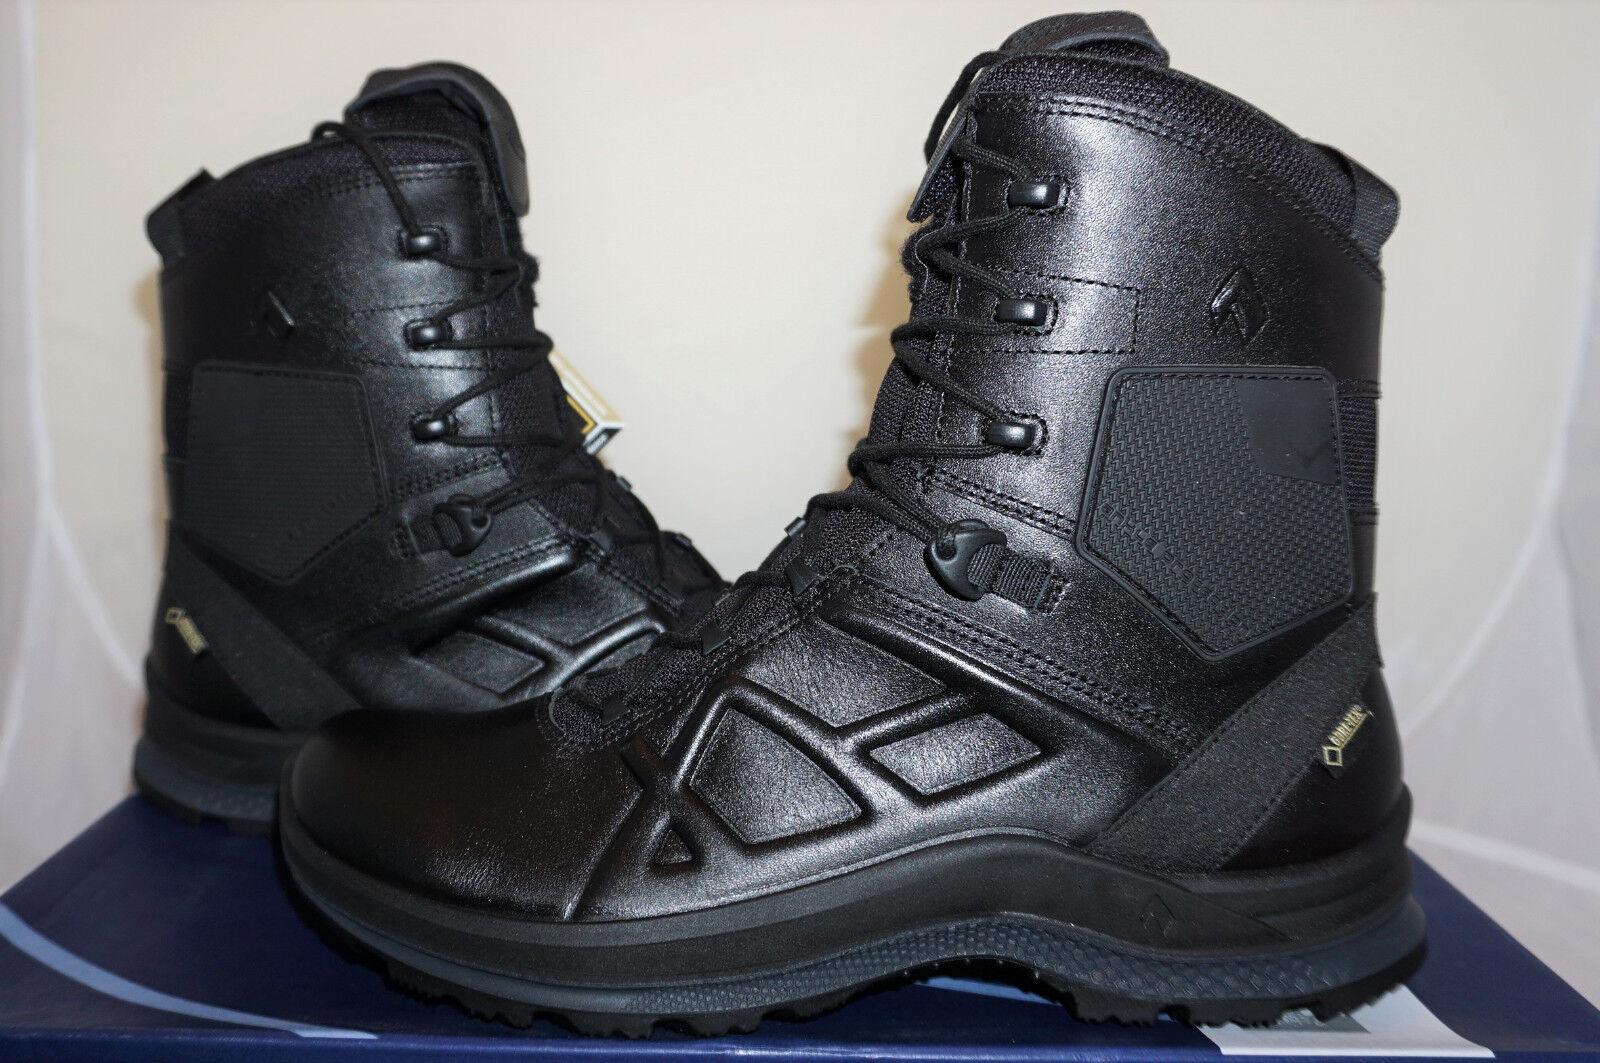 HAIX negro Eagle Tactical 2.0 High UE 43 us 9,5 montaña zapatos noté